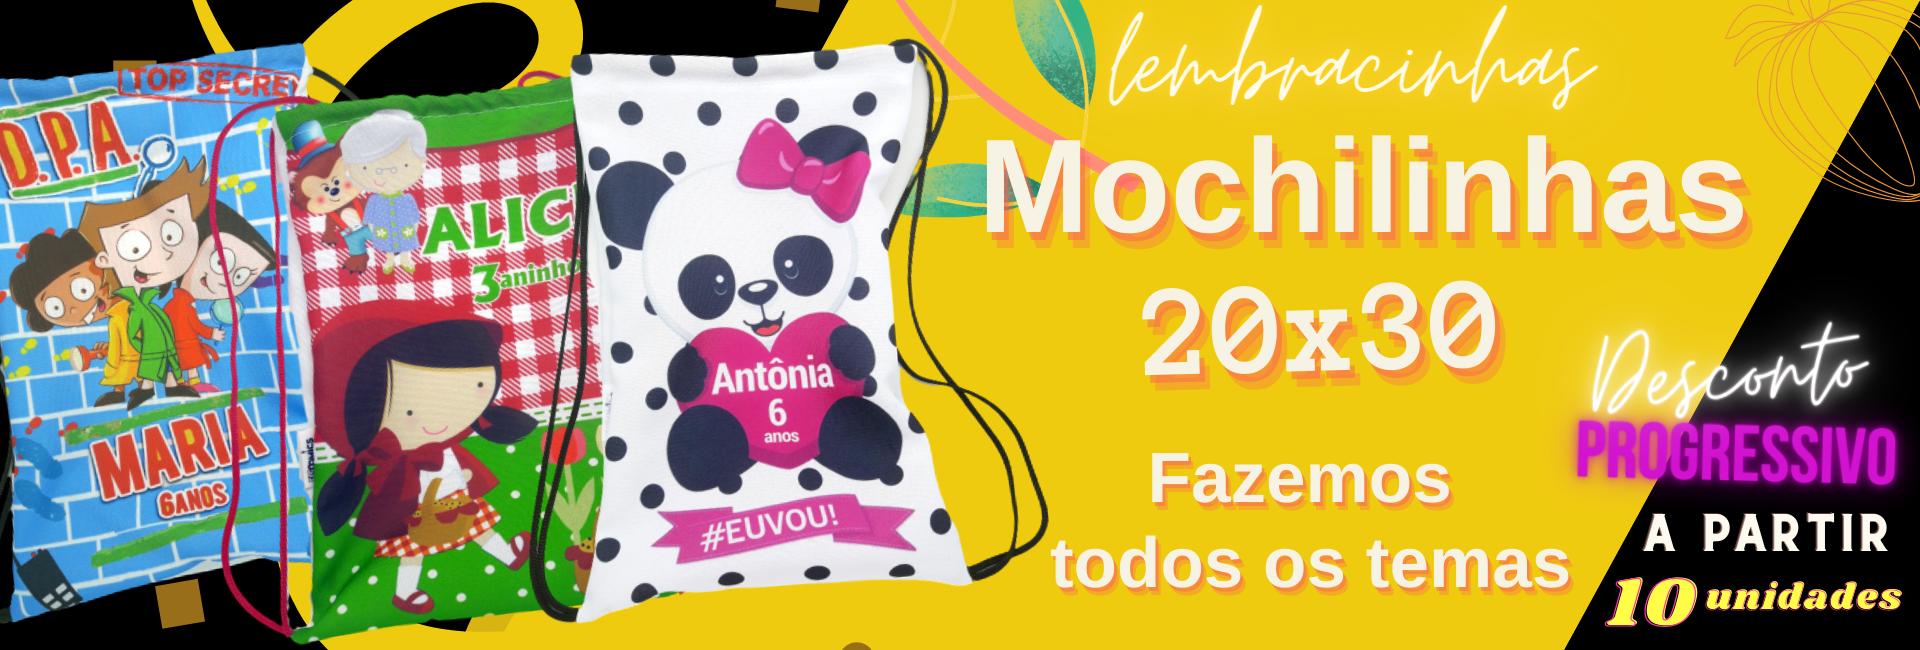 Mochilinhas